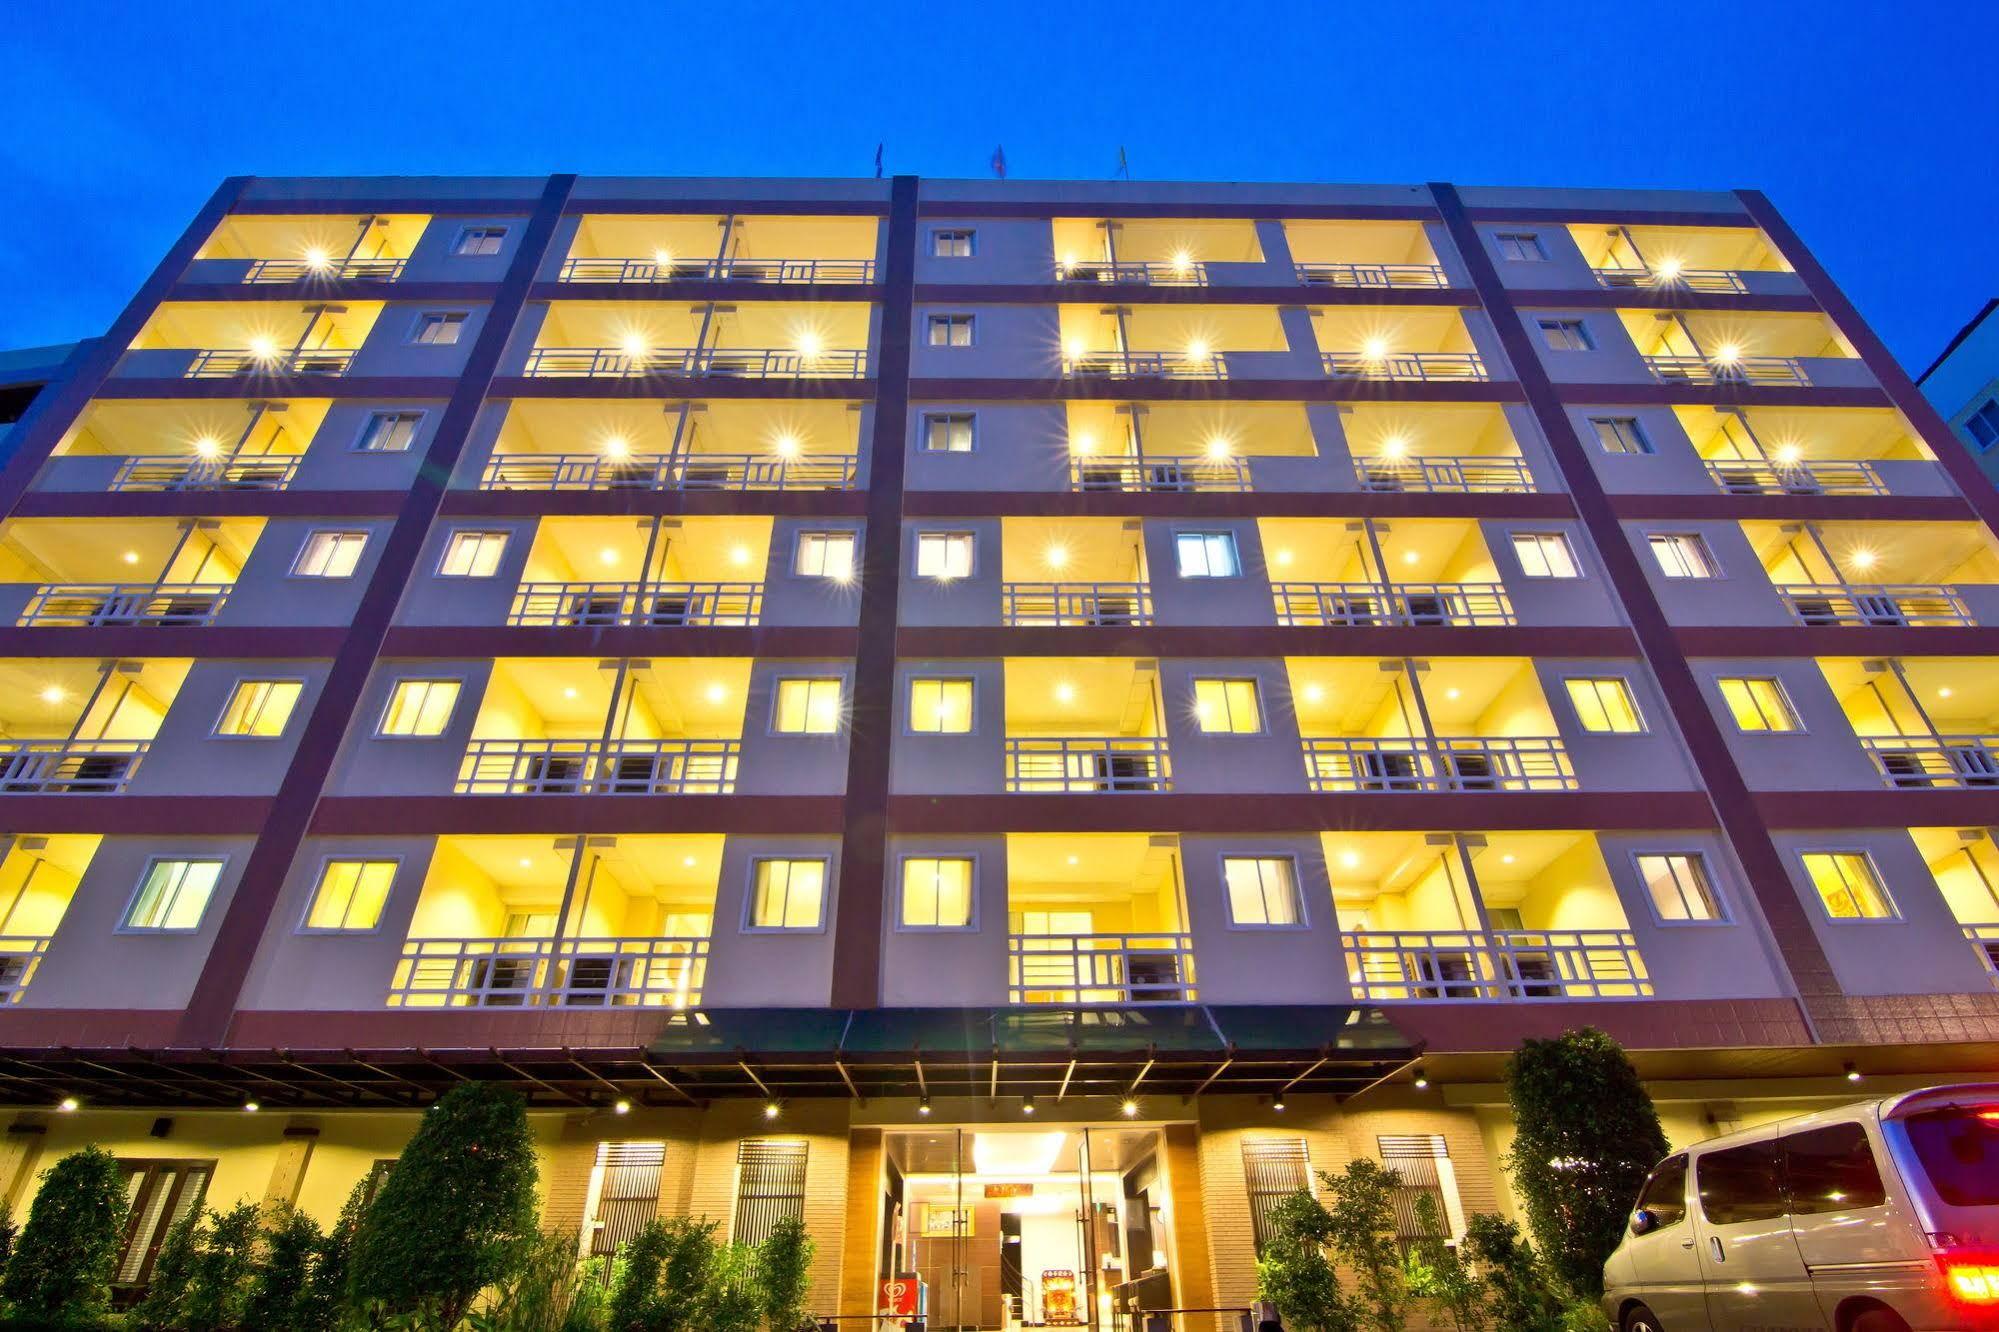 โรงแรมโกลเด้น ซี พัทยา